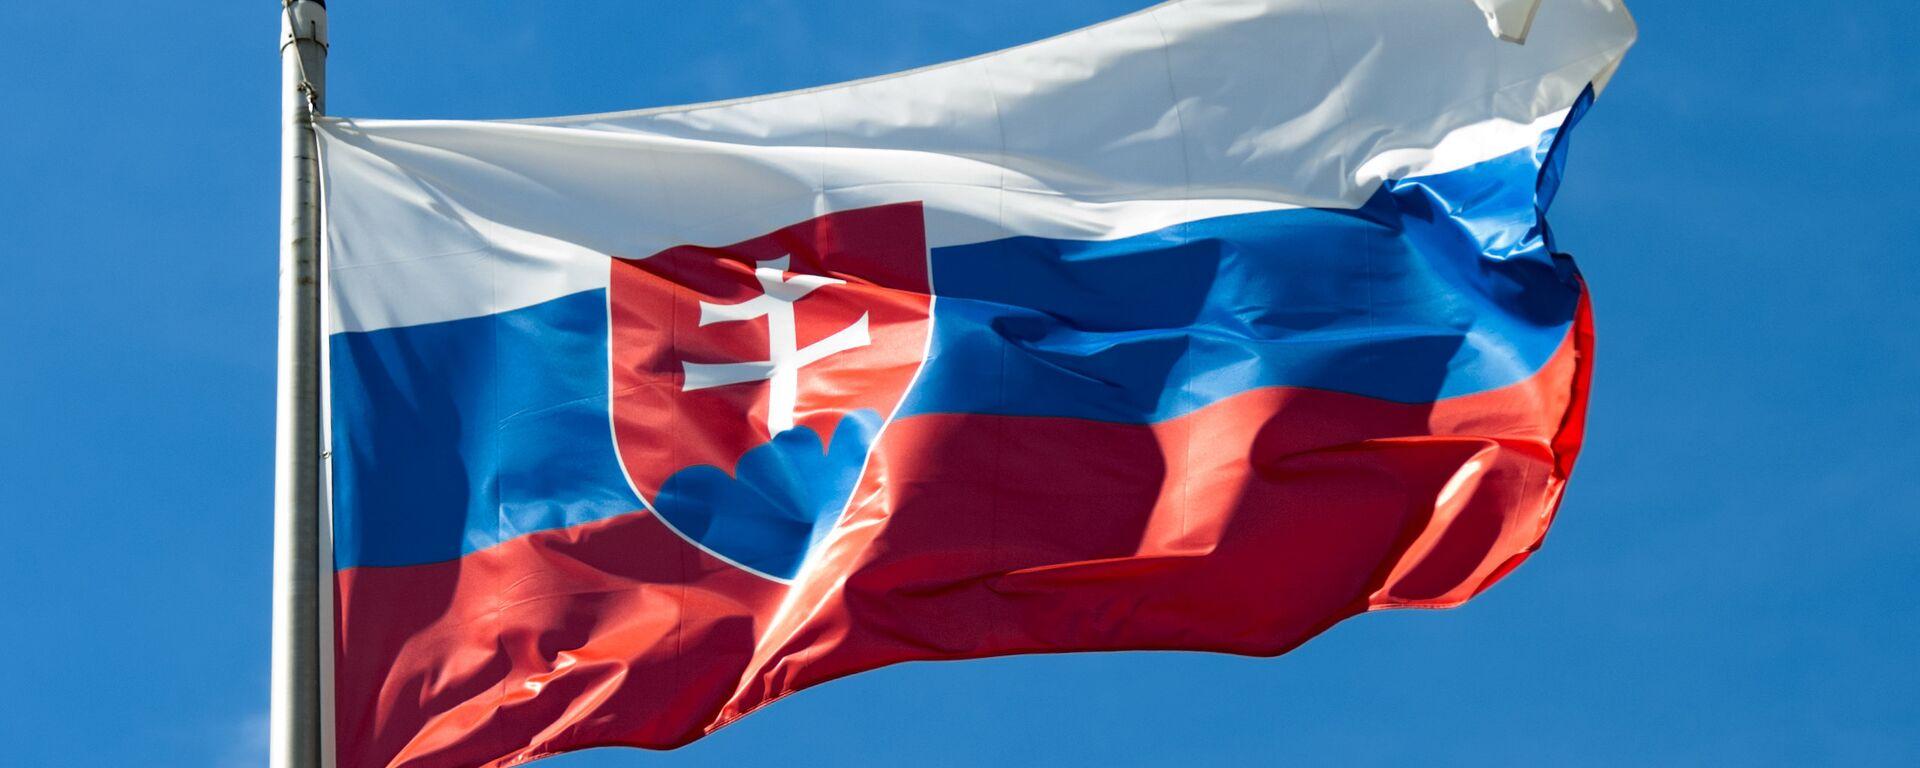 Slovenská vlajka  - Sputnik Česká republika, 1920, 30.06.2021